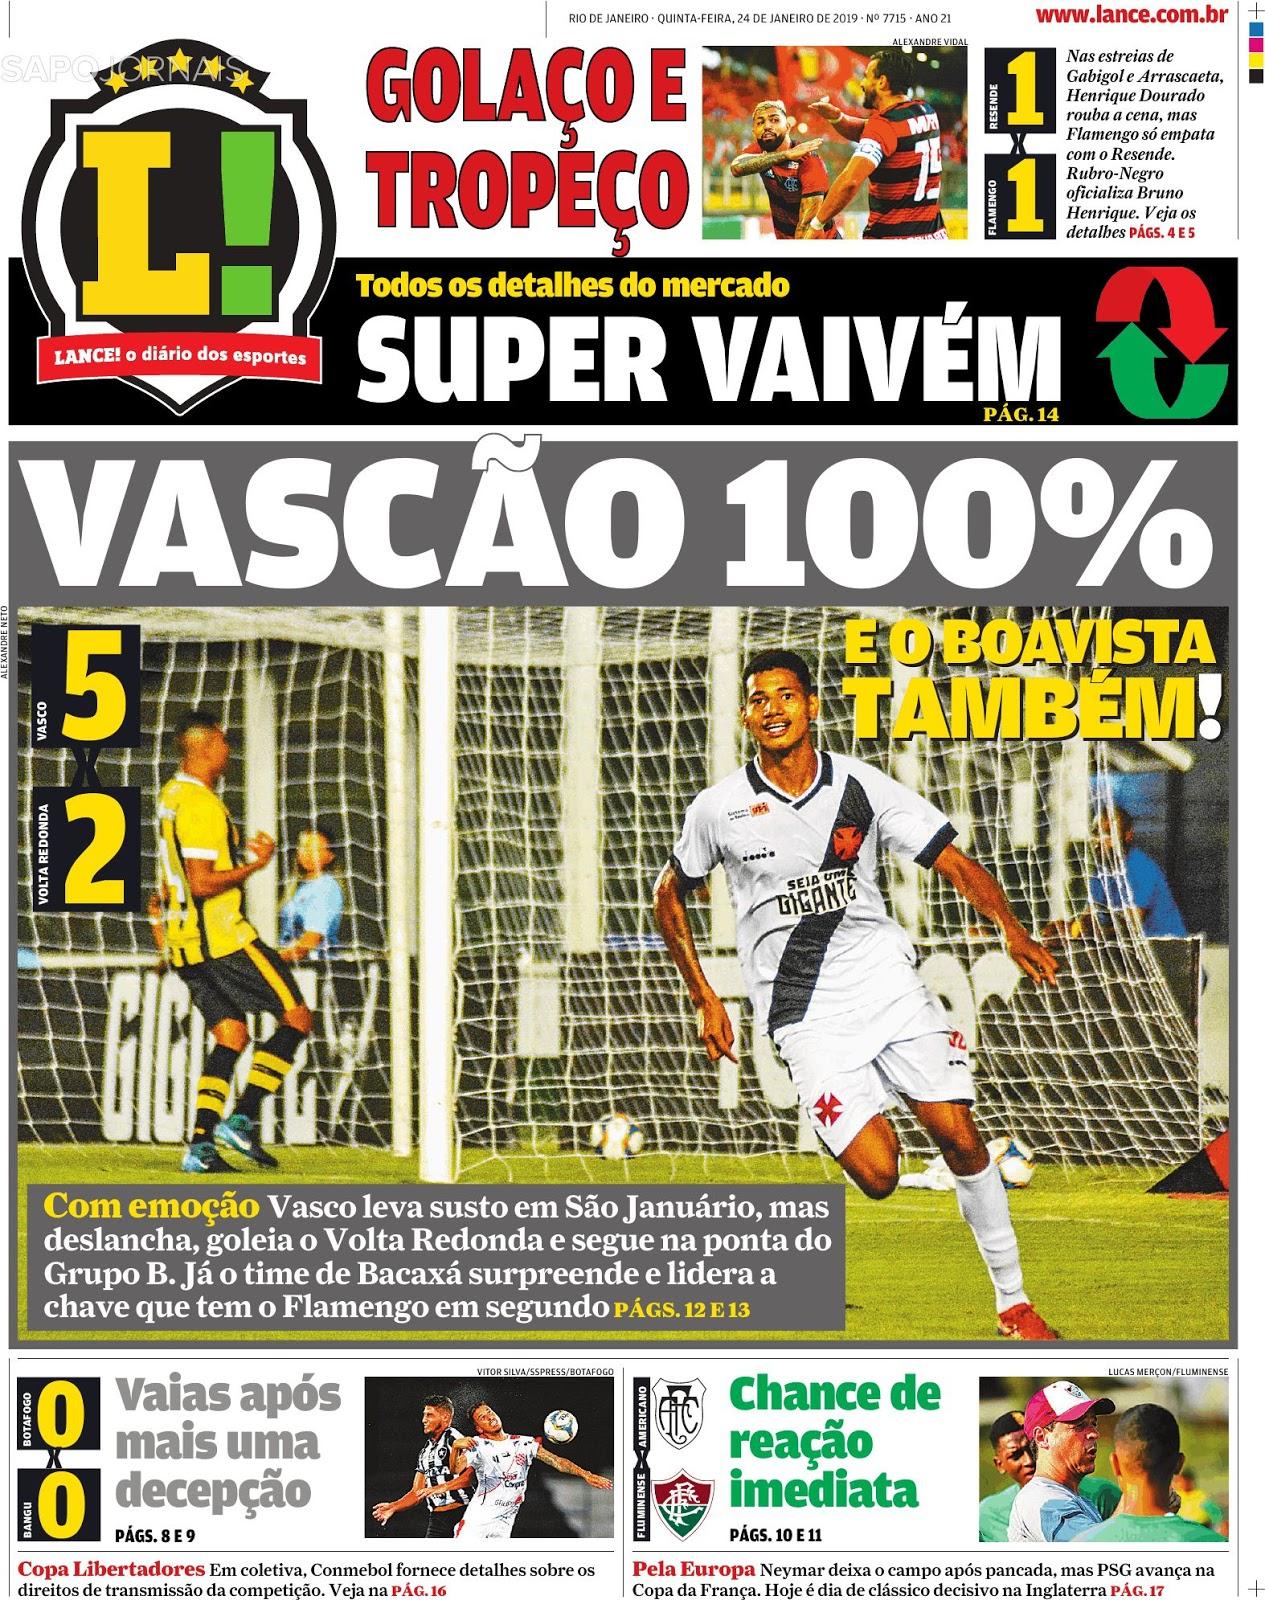 f4d351b440 Jornal do Brasil - O Vasco chegou a dar um susto em sua torcida nesta  quarta-feira